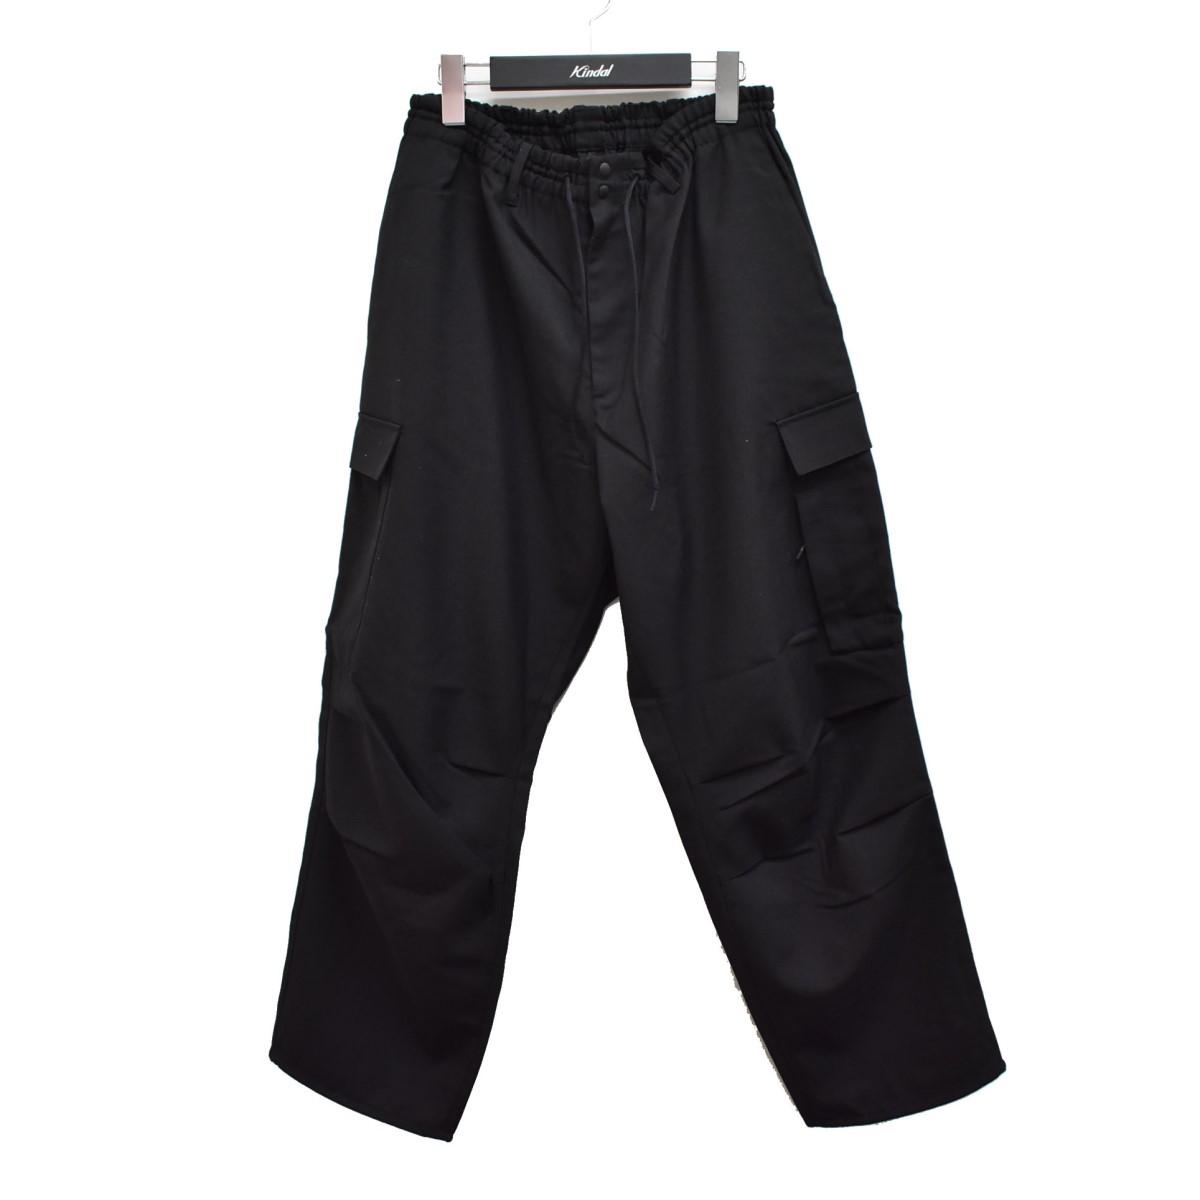 WOOL CROPPED 【270321】(ワイスリー) PANTS サイズ:S 19SS ブラック 【中古】Y-3 カーゴパンツ SATEEN